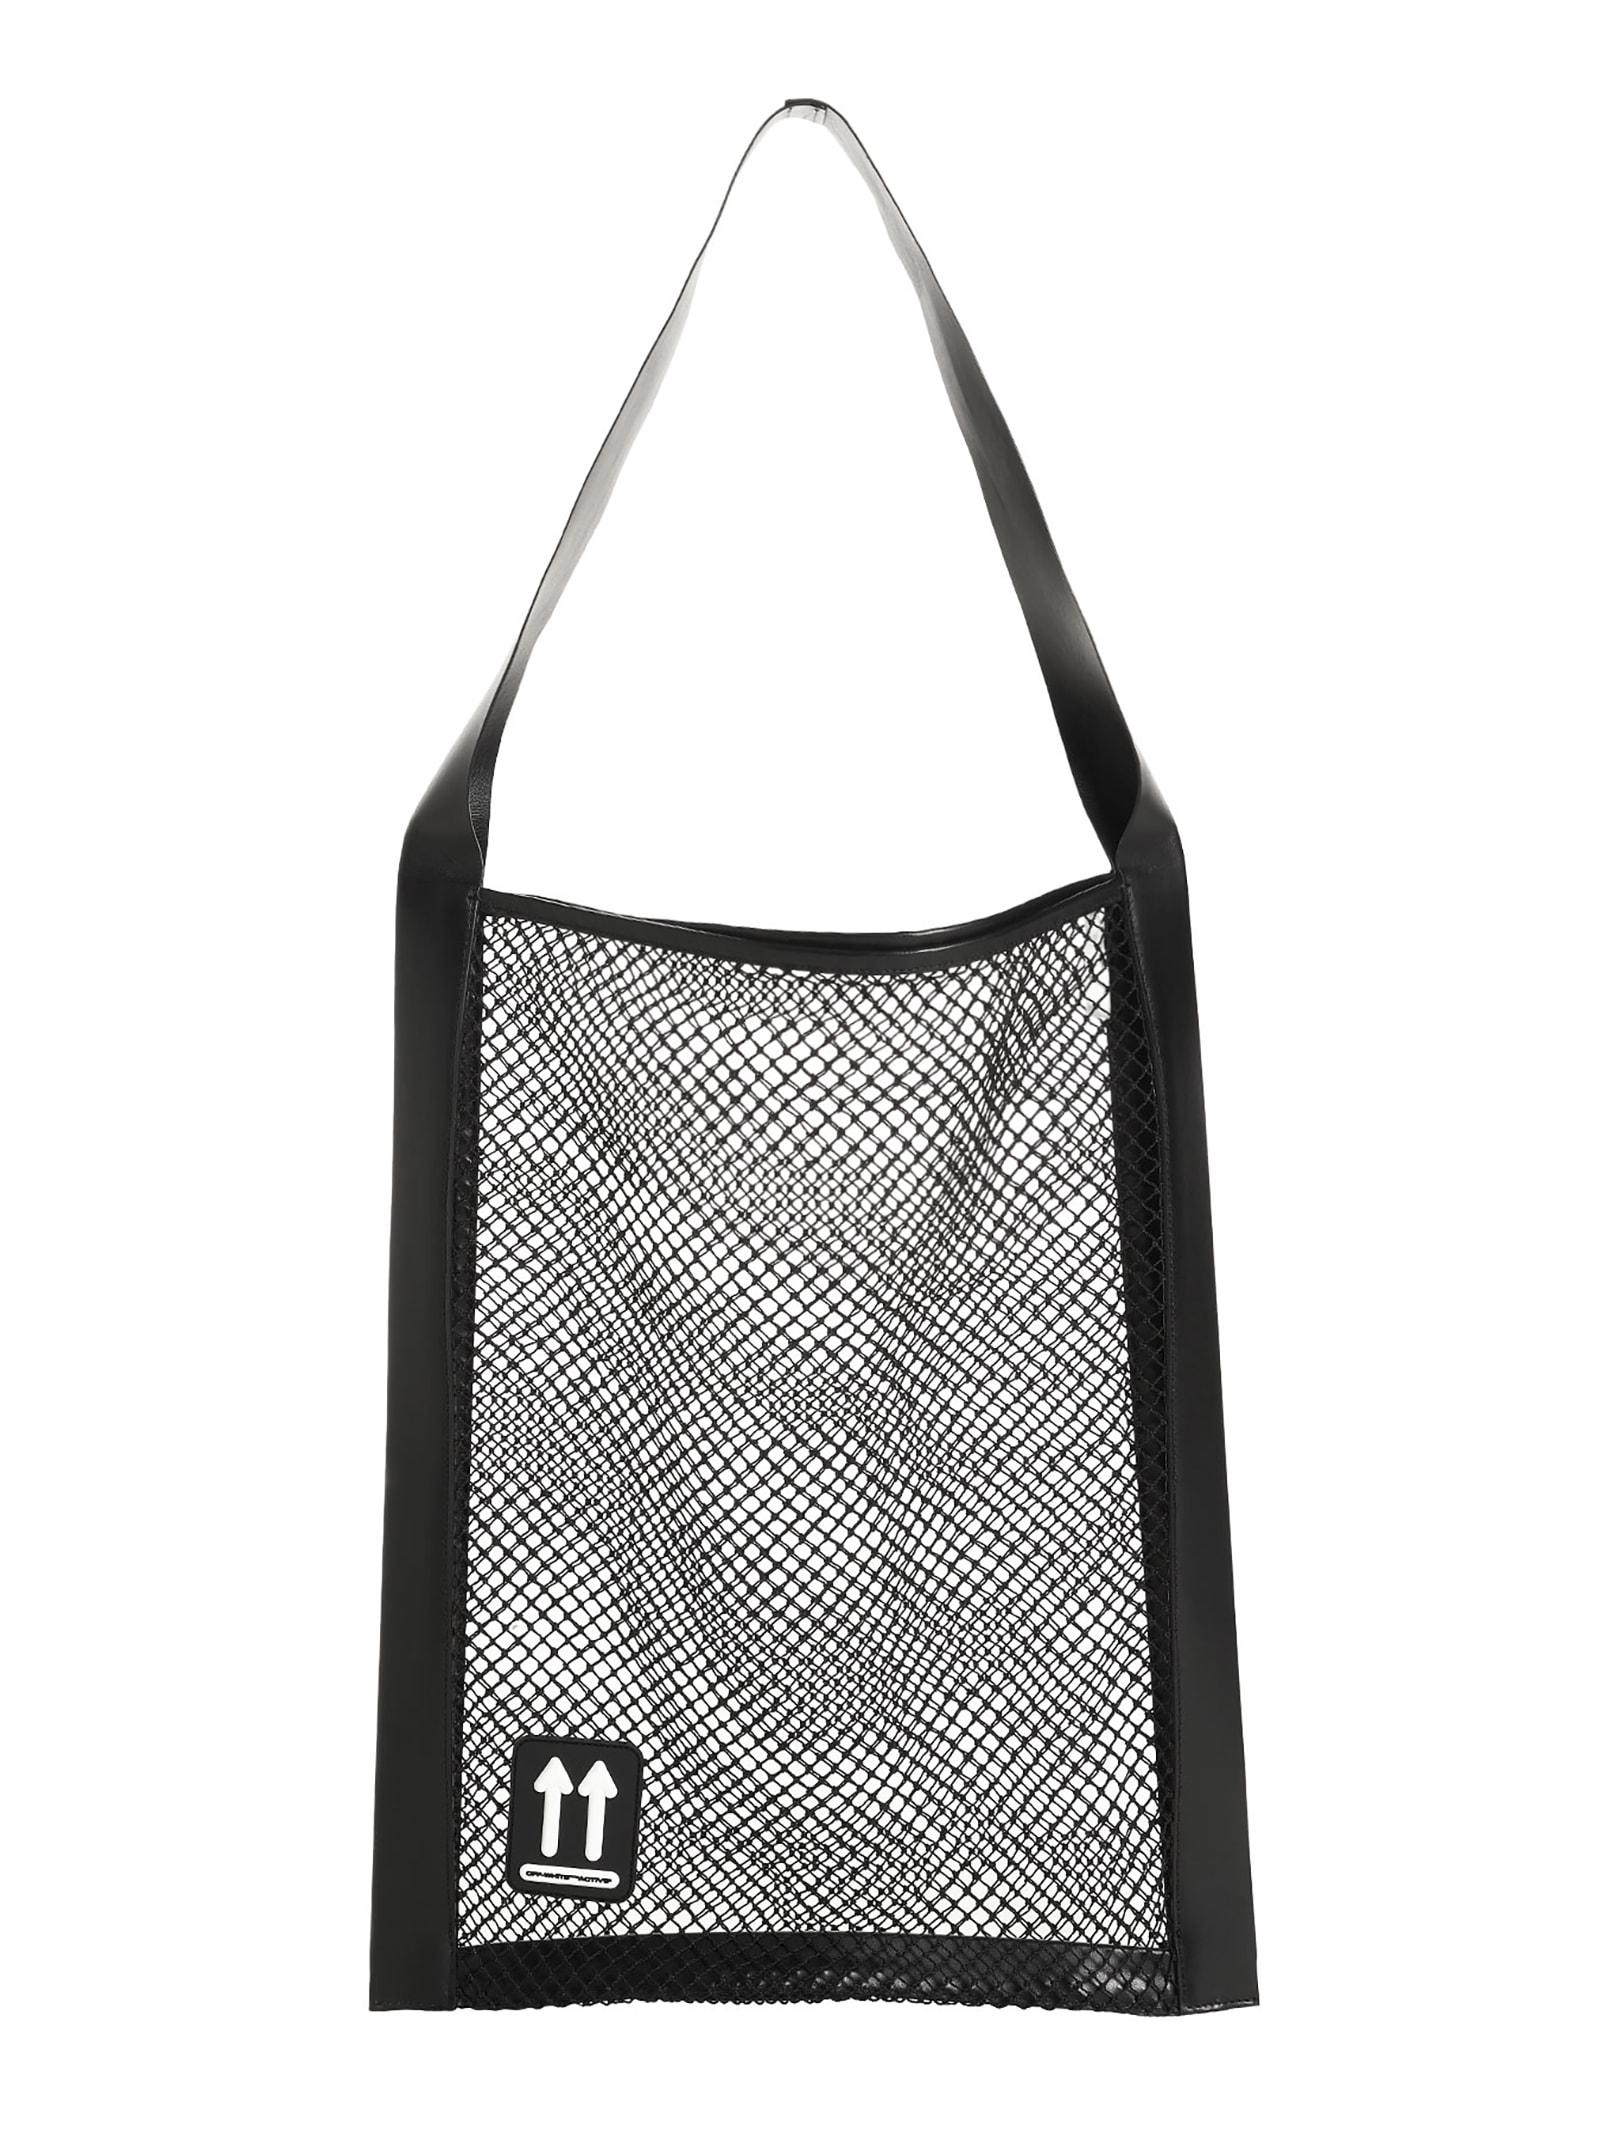 Off-white fishing Net Bag